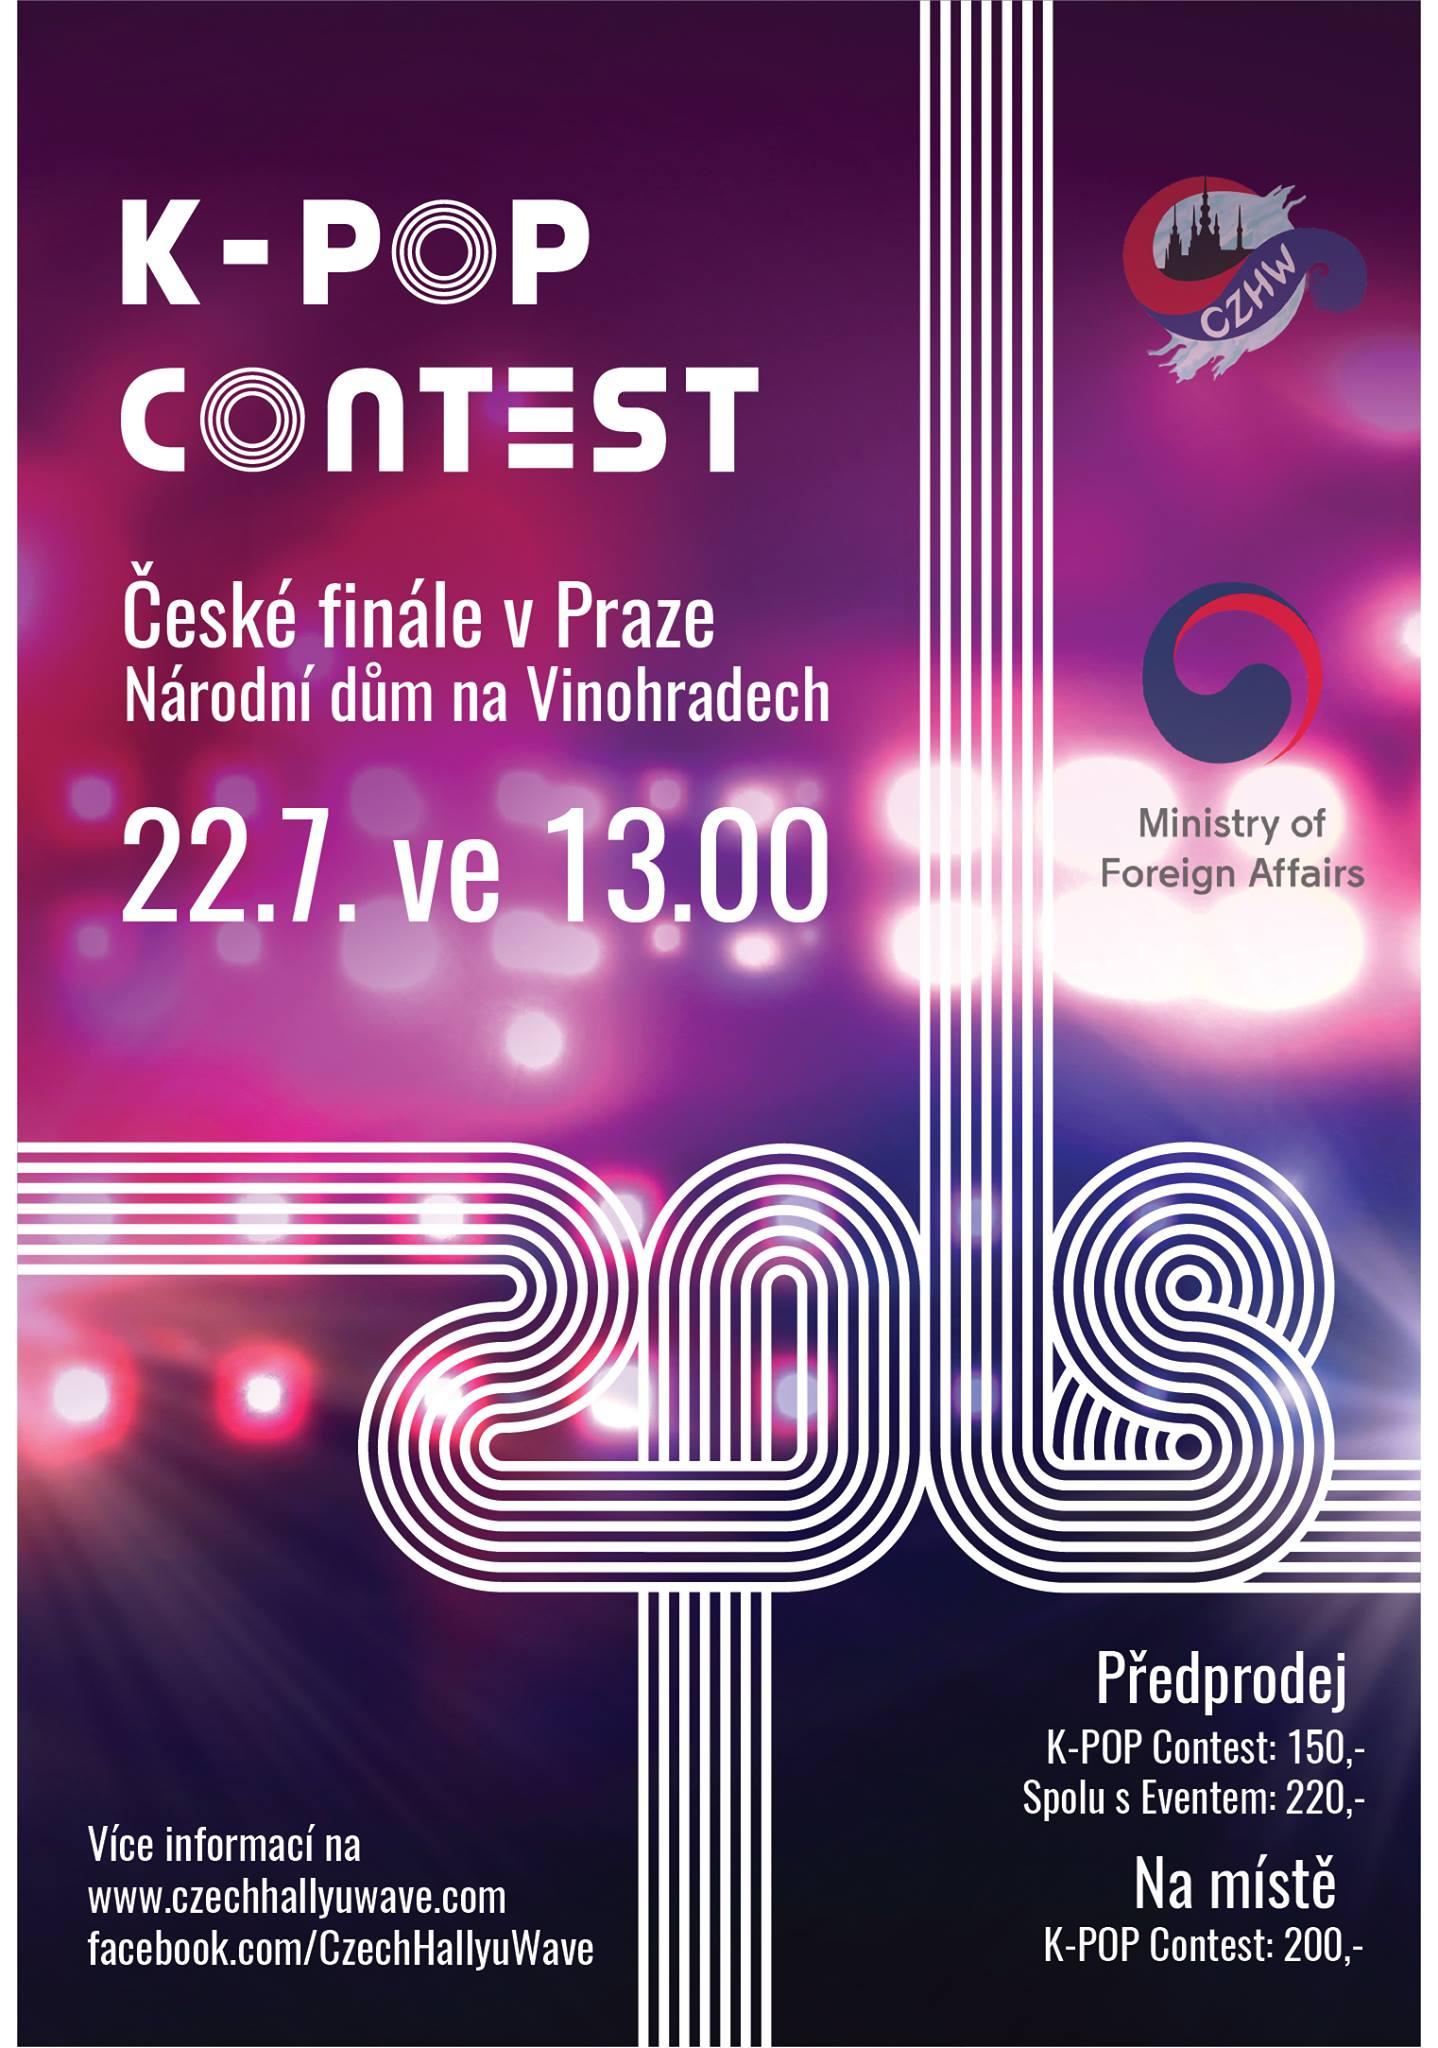 České finále celosvětové k-pop talentové soutěže v Praze již tuto neděli!